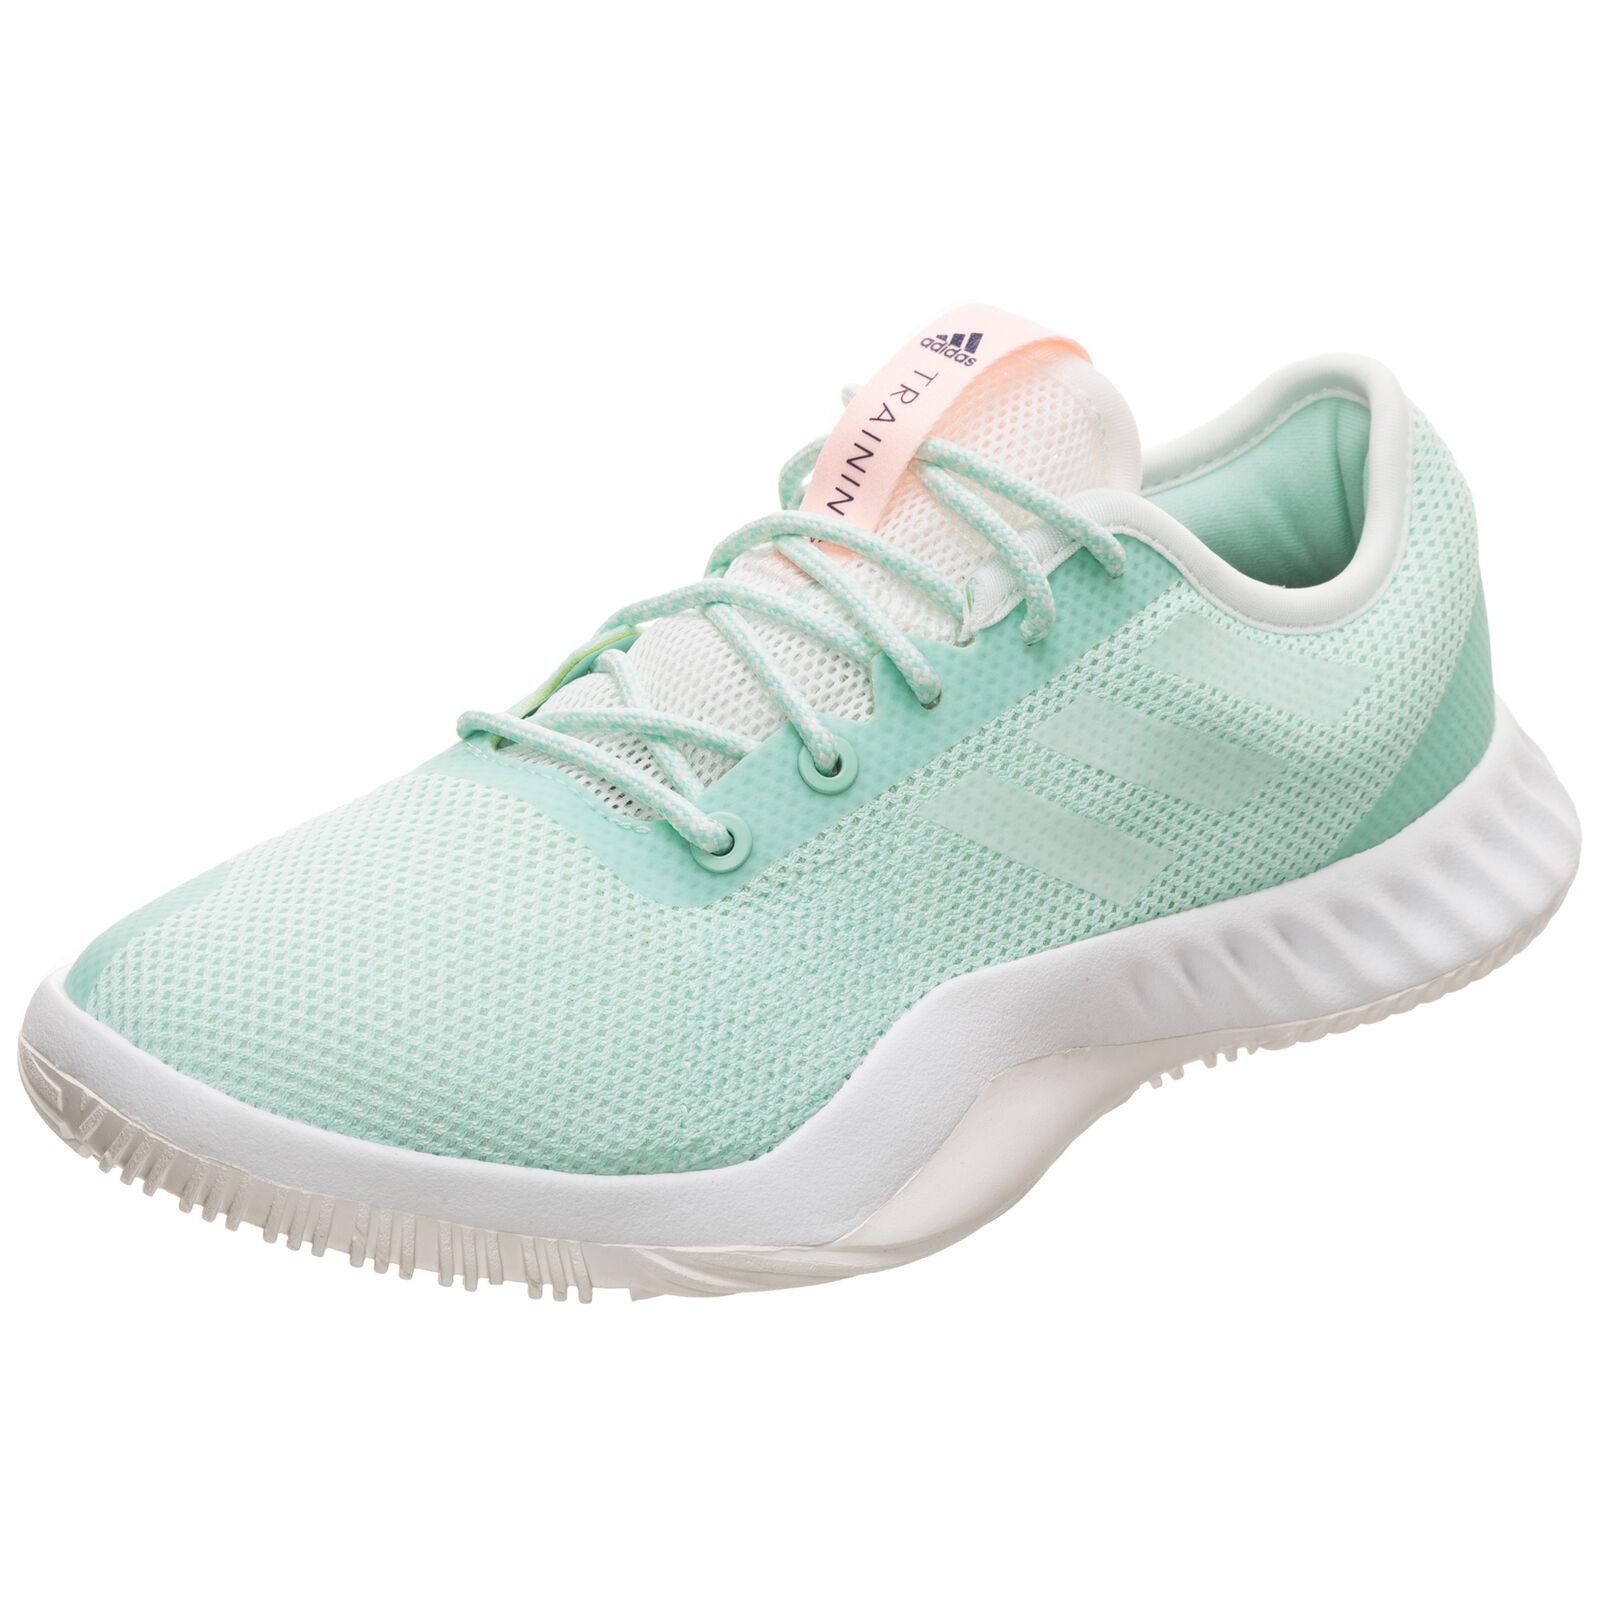 Adidas Performance CrazyTrain LT Trainingsschuh Damen Damen Damen Grün NEU 6cee9d